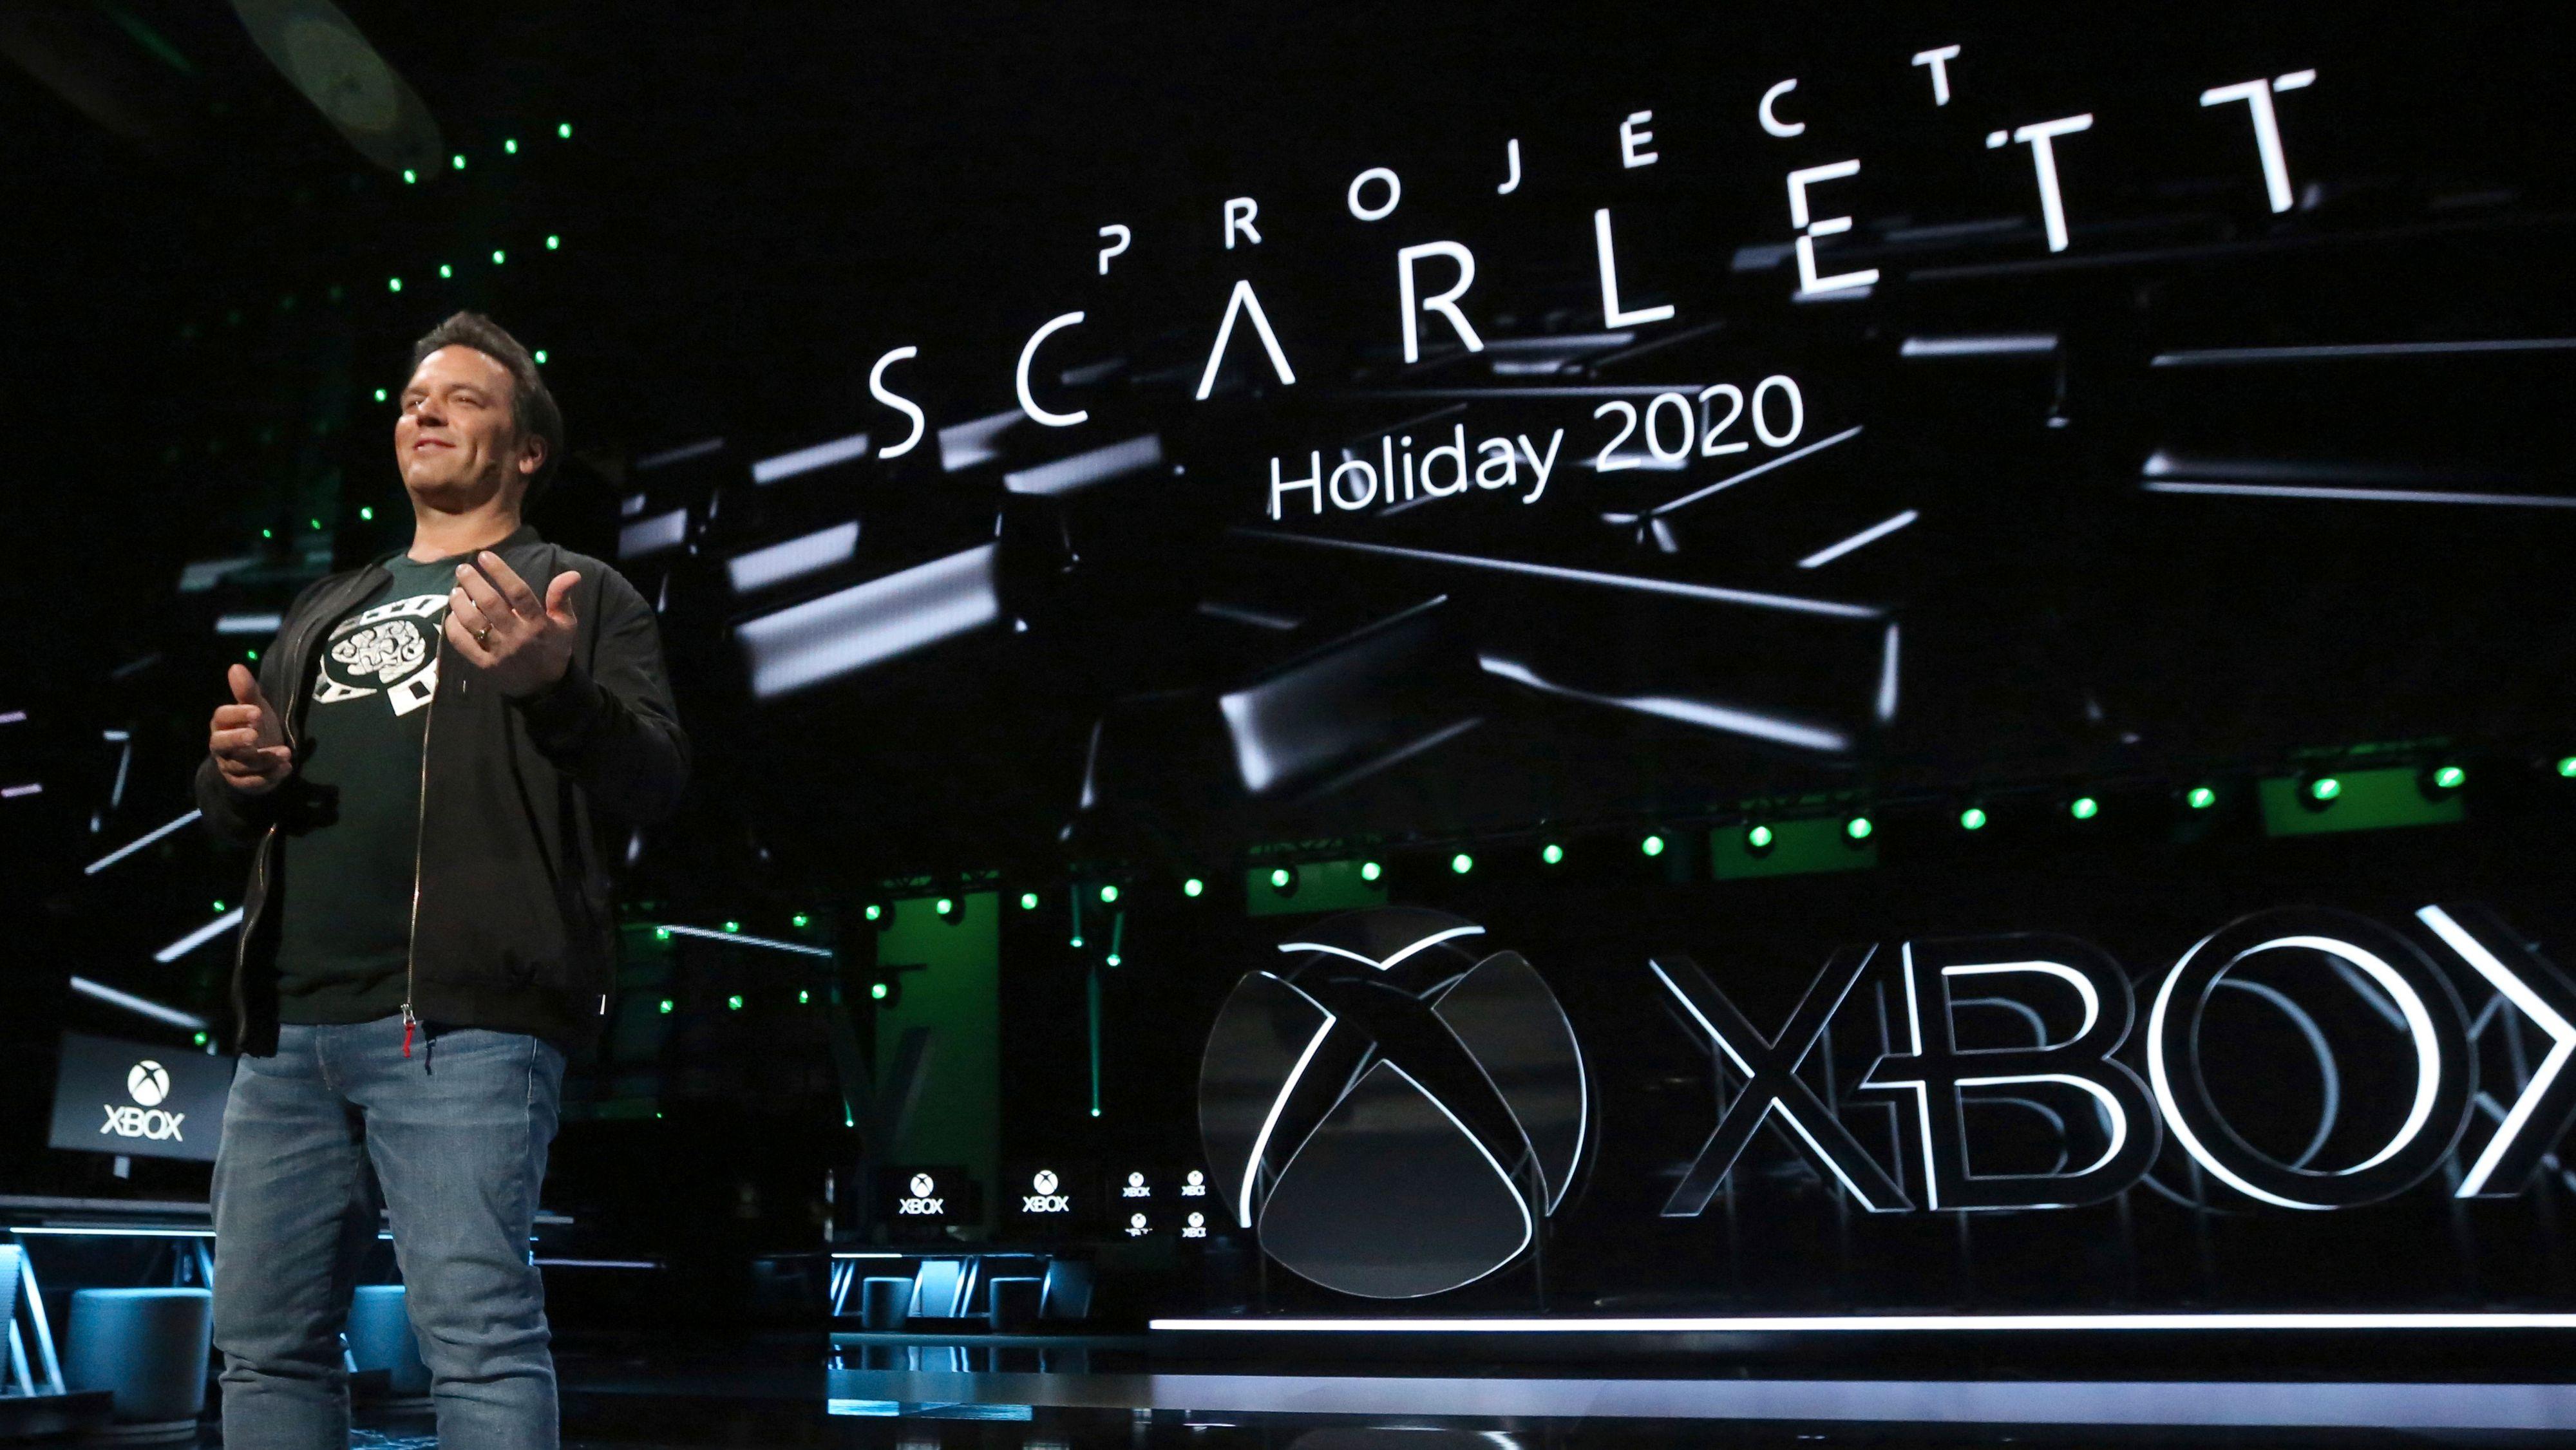 Xbox-sjef Phil Spencer under presentasjonen av Project Scarlett på årets E3-messe.